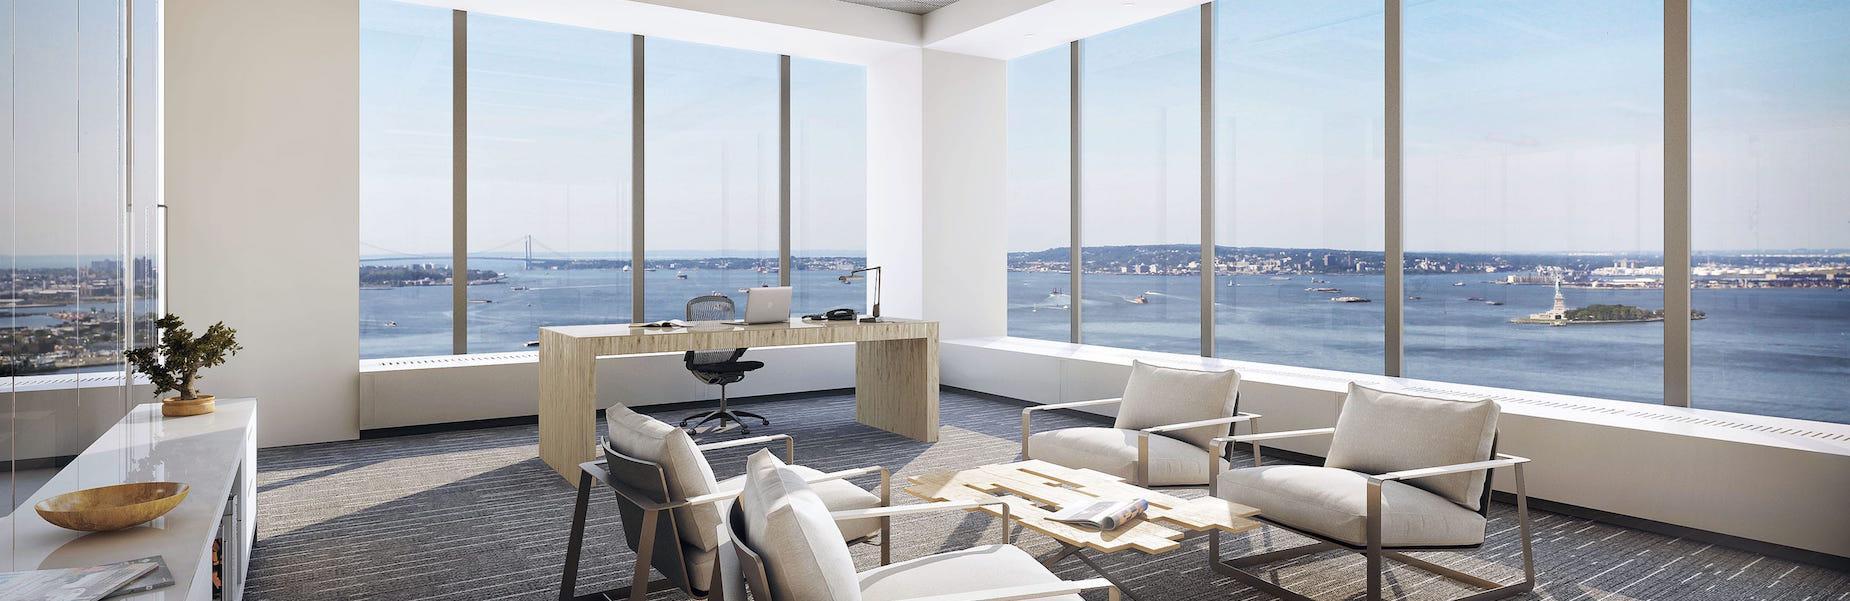 Corner Office - Mobile Home Sales Jobs: Openings